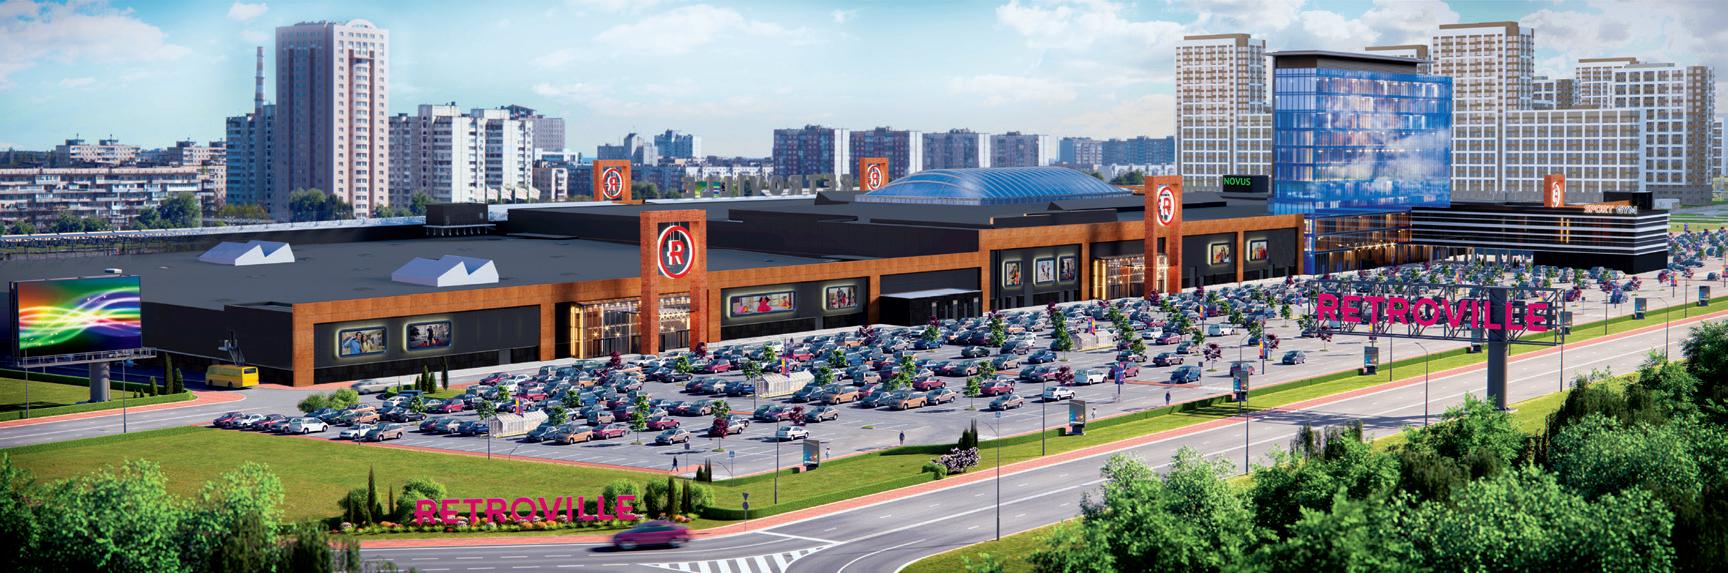 Wizualizacja obiektu: Centrum handlowo-biurwe Retroville (w budowie/ Kijów), Ukraina. Inwestor: Martin Sp. z o.o.